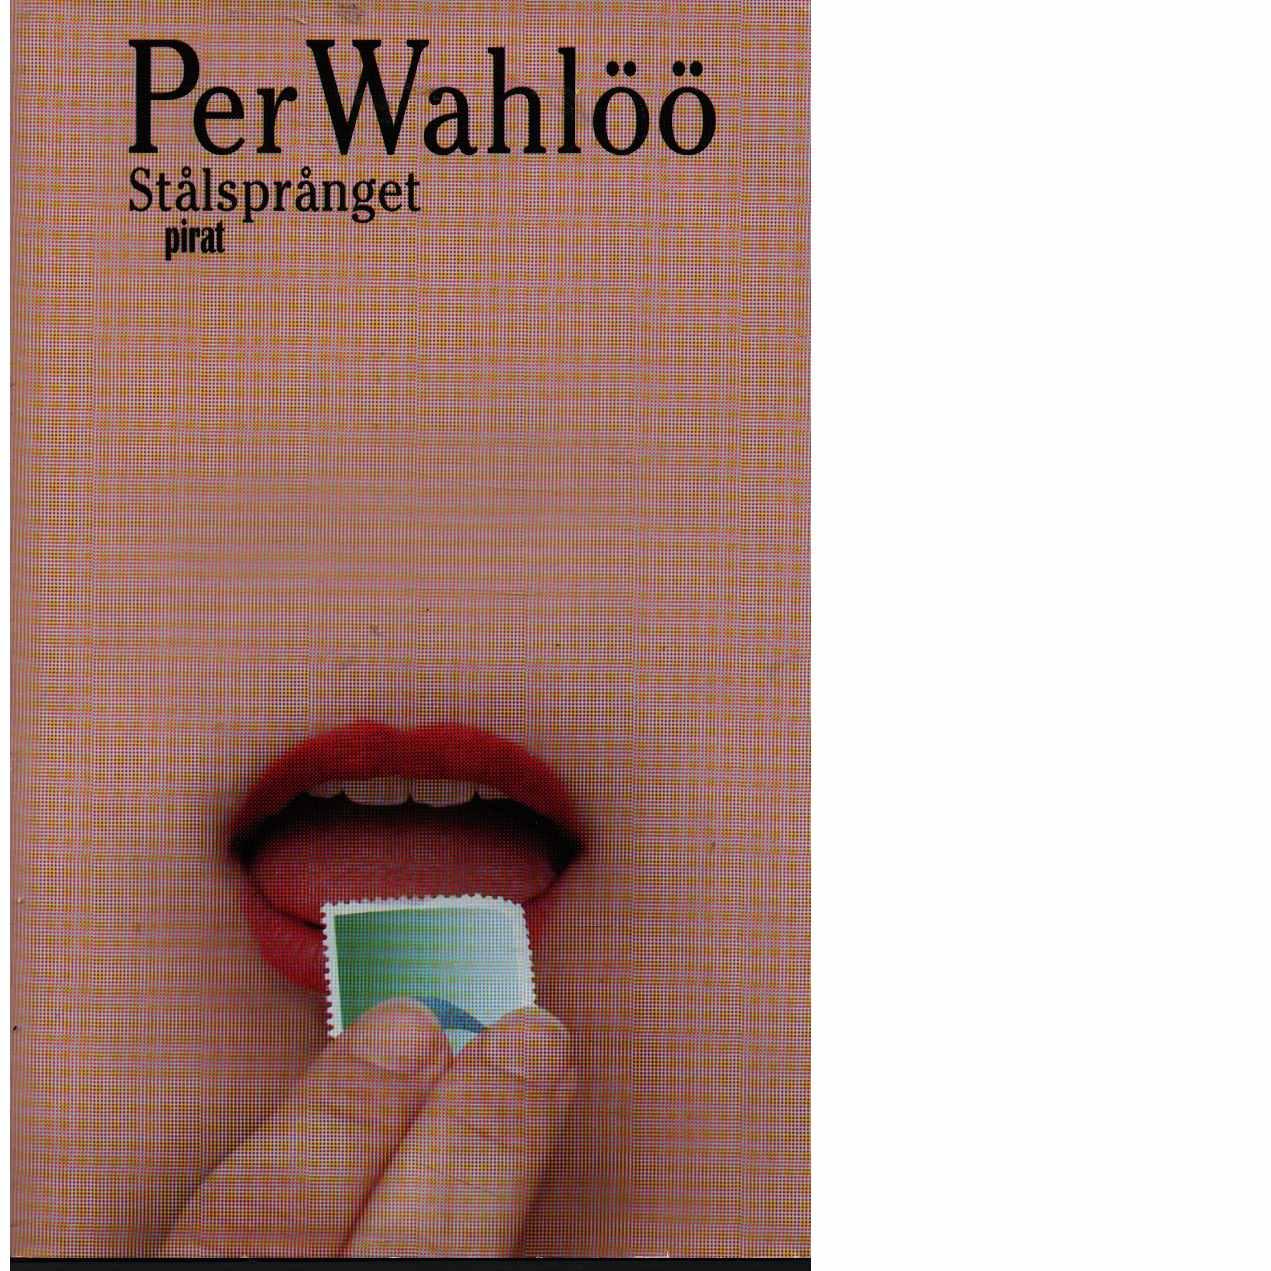 Stålsprånget - Wahlöö, Per